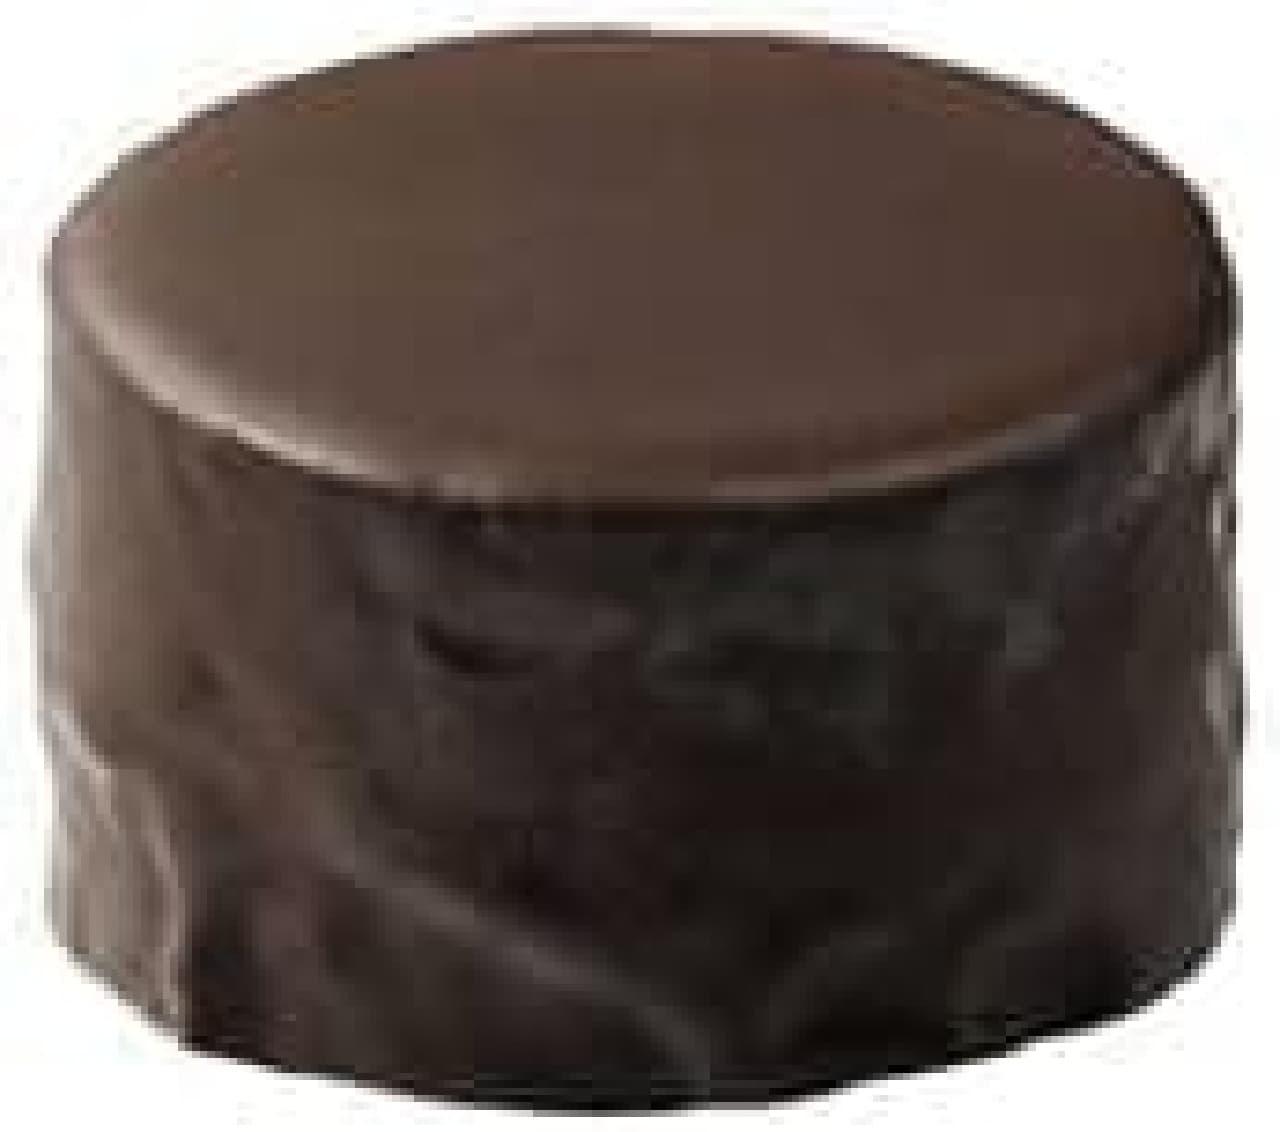 チョコの濃厚な味わい